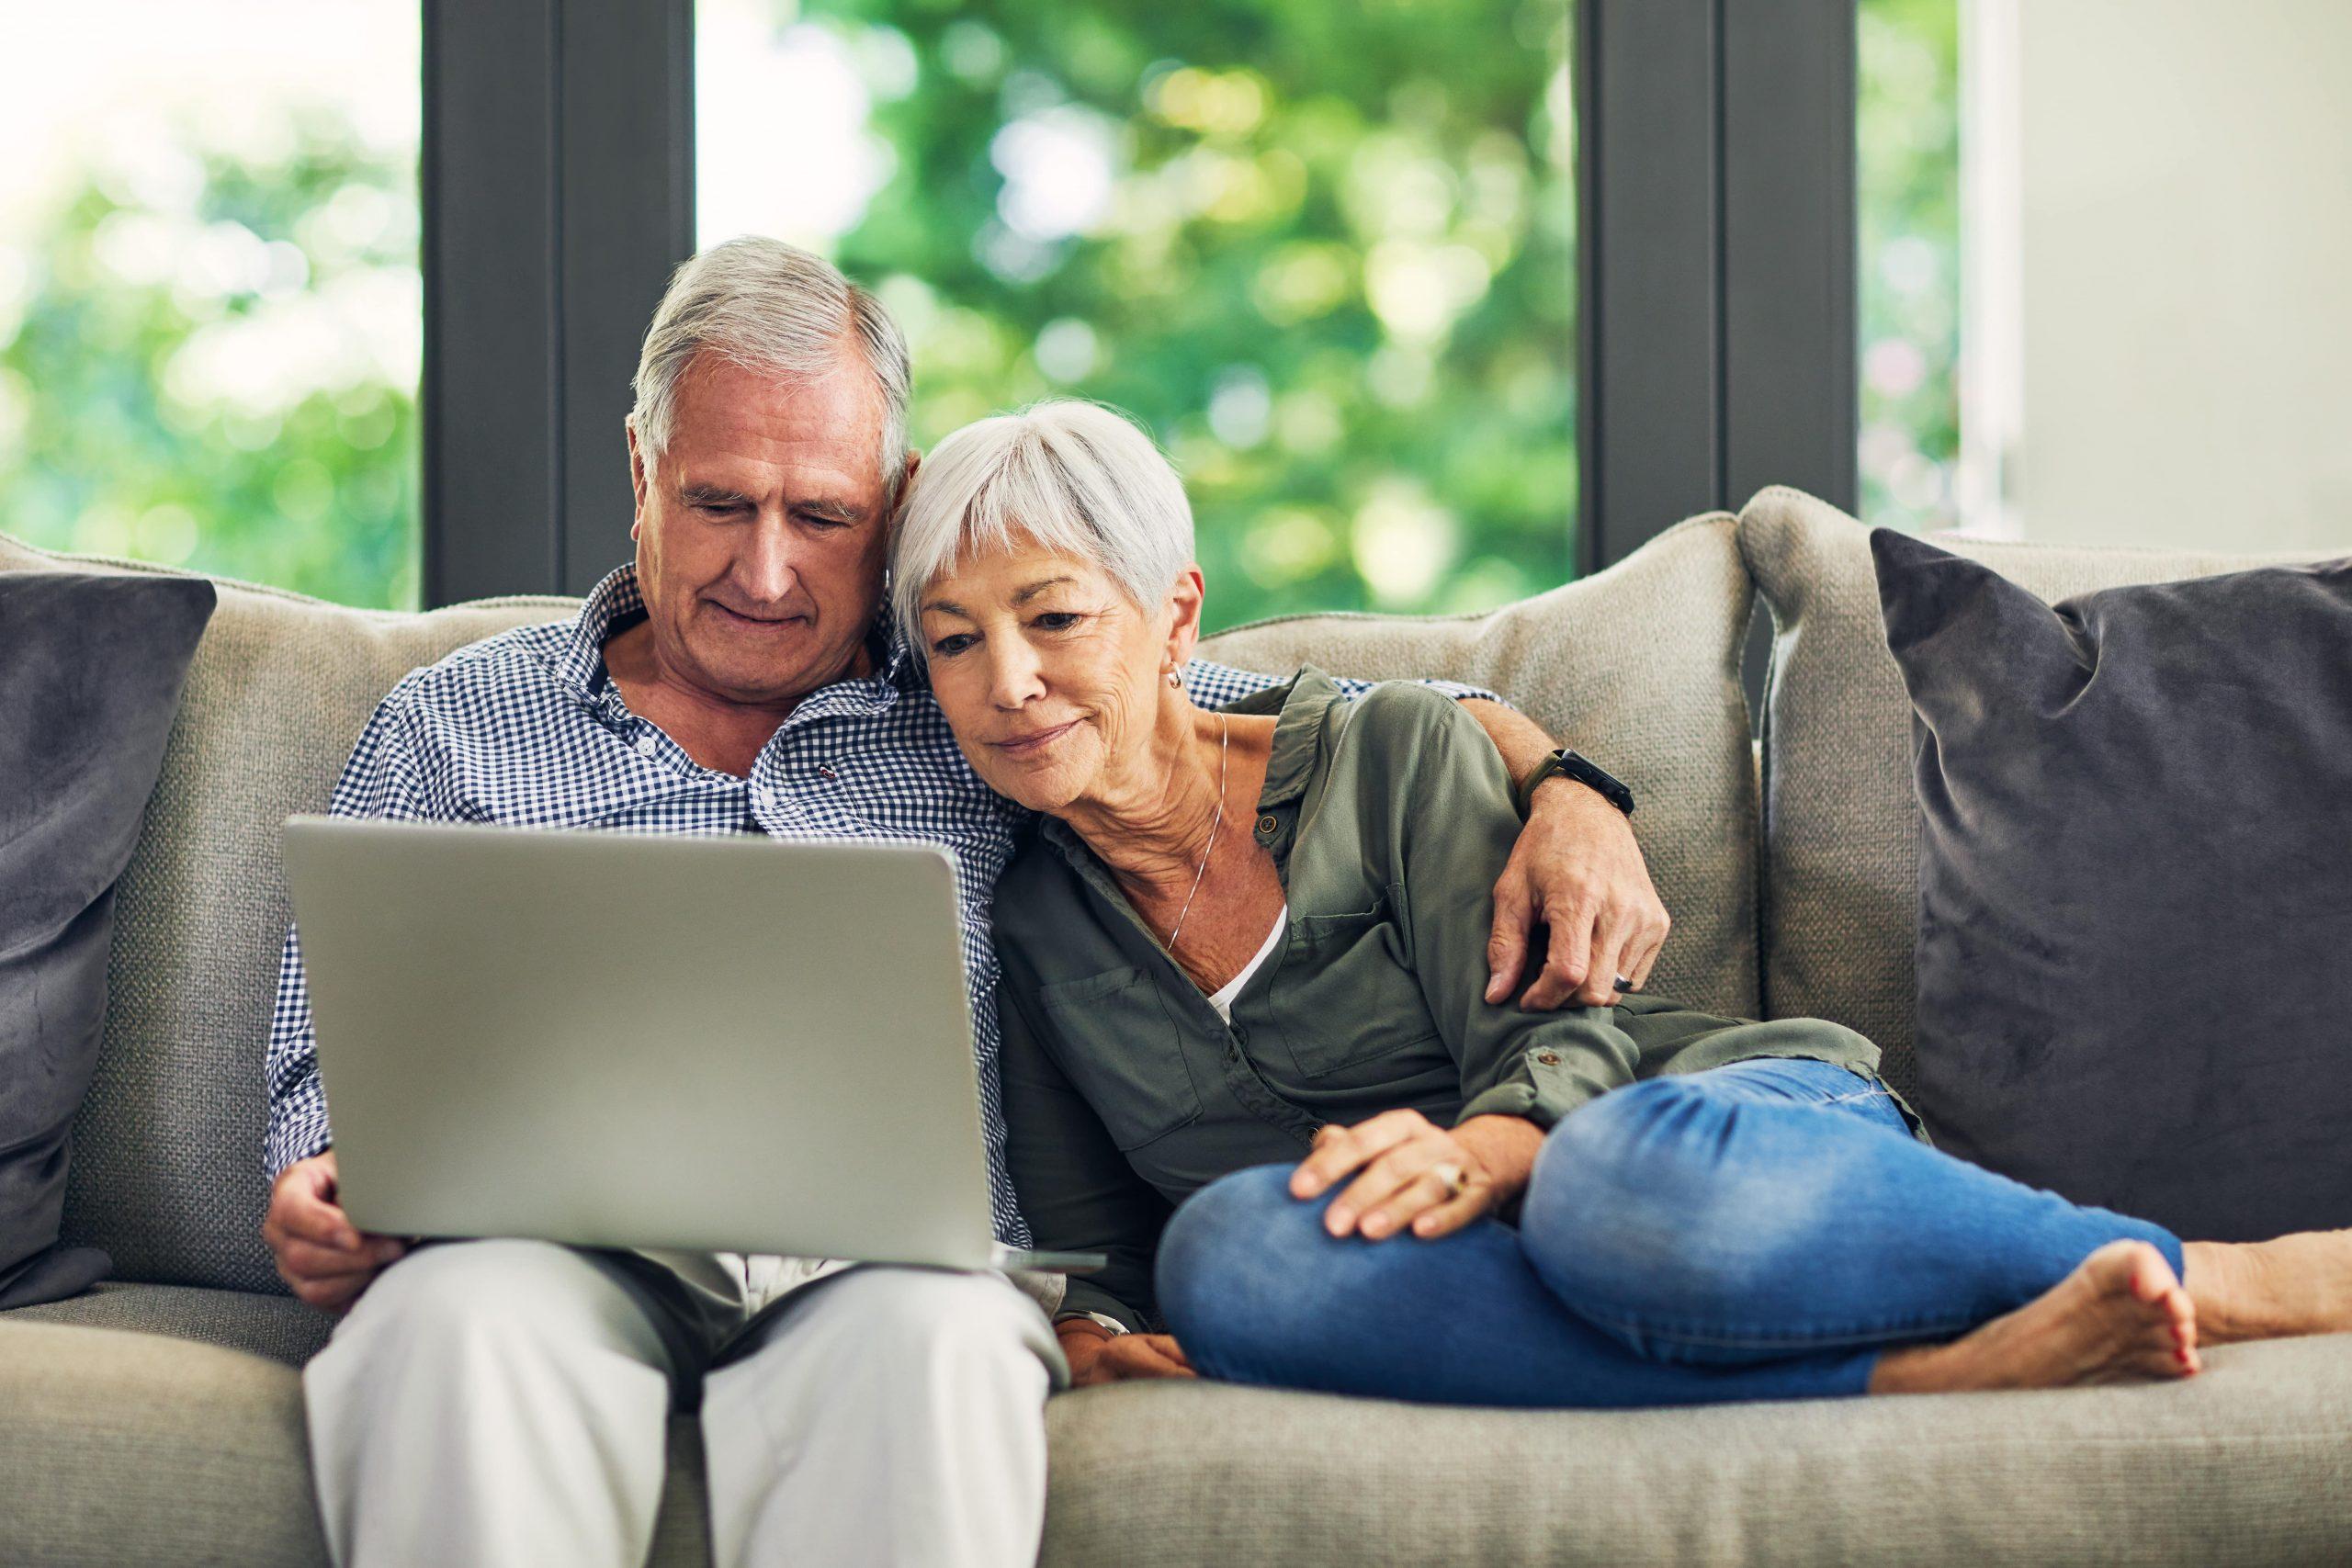 Fotobeschreibung: Ein Seniorenpärchen sitzt zusammen auf dem Sofa. Der Mann hat einen Laptop auf dem Schoß, auf dem beide etwas lesen. Die Frau hat die Beine angezogen und lehnt an der Seite ihres Mannes.